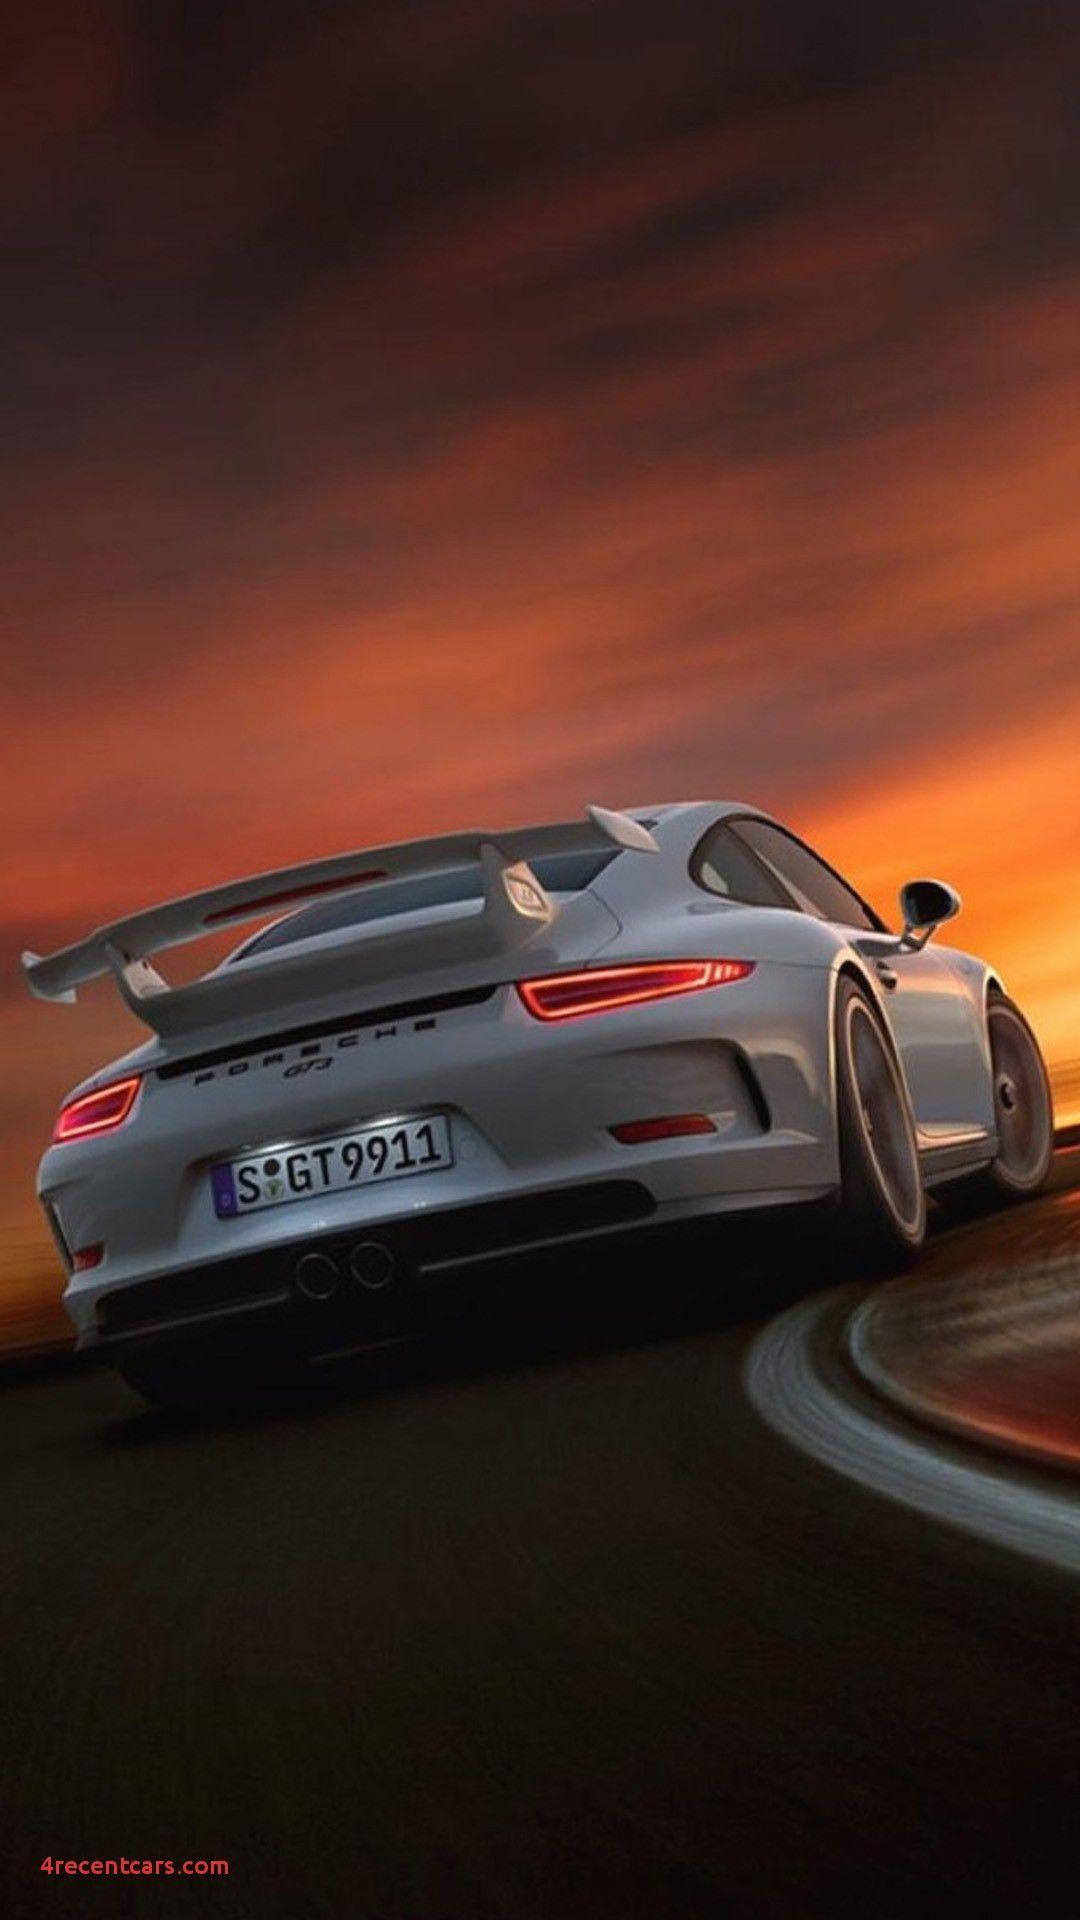 4k Wallpaper Iphone Cars 3d Wallpapers Car Iphone Wallpaper Car Wallpapers Porsche